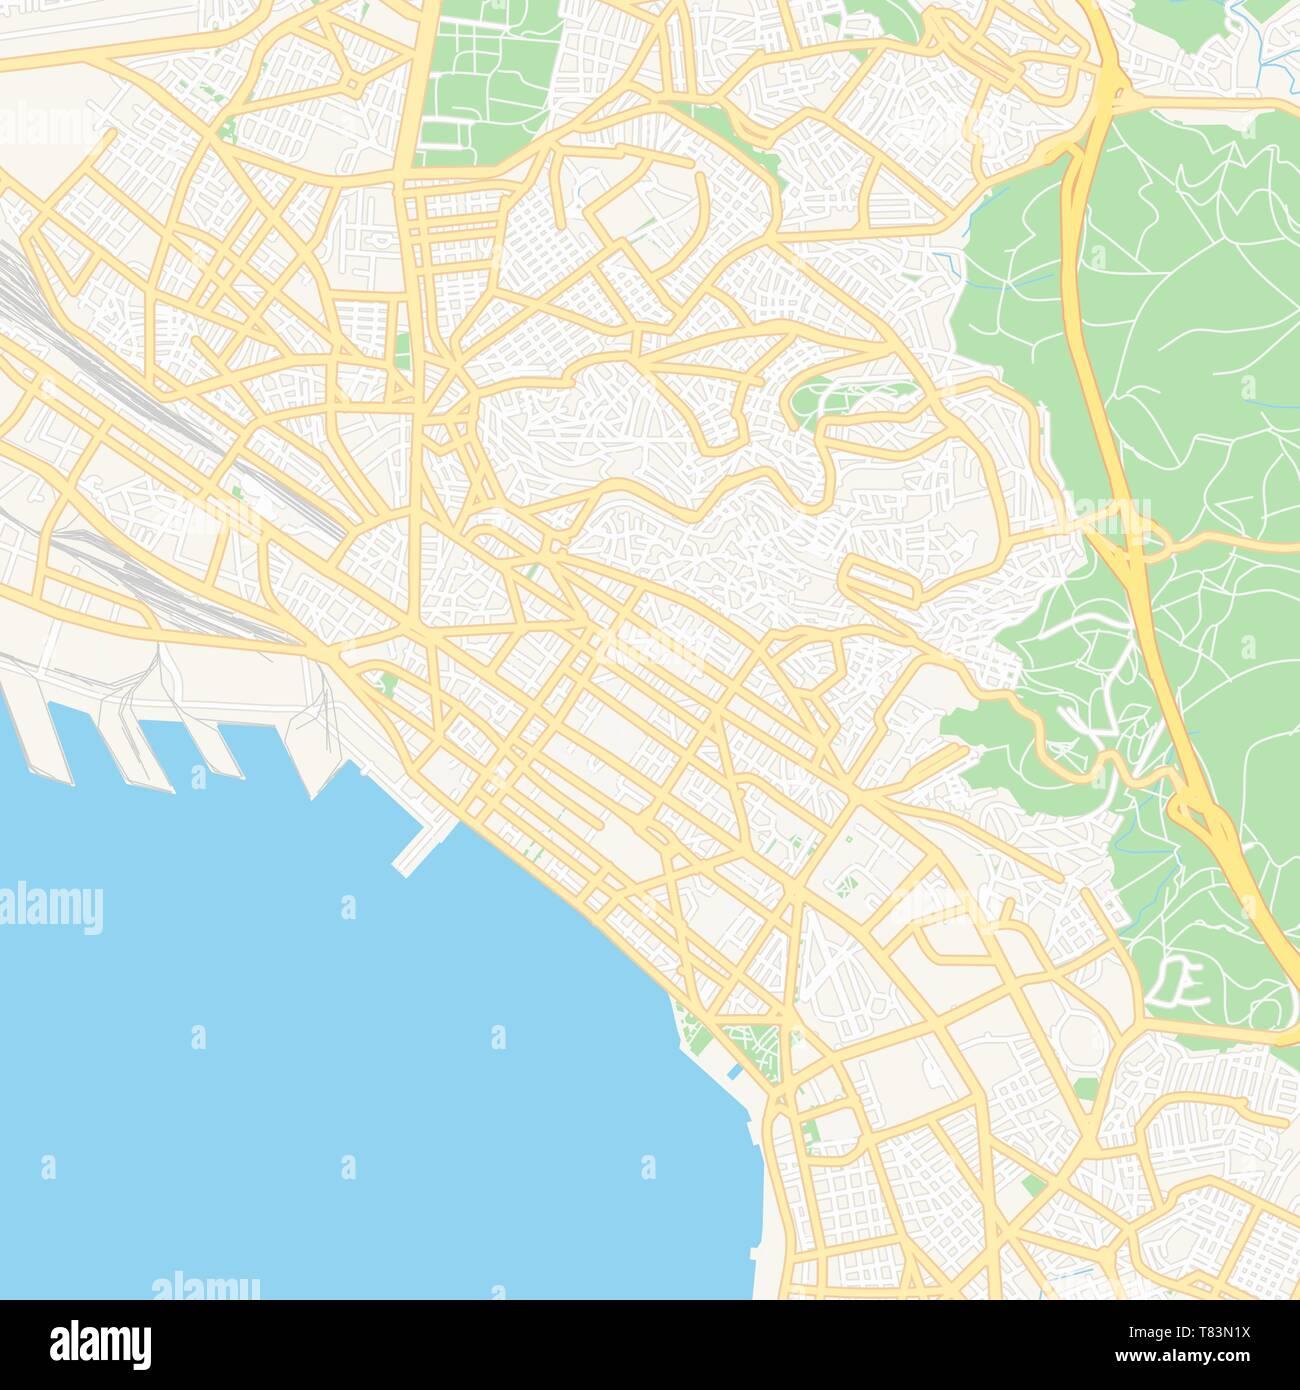 Thessaloniki Karte.Druckbare Karte Von Thessaloniki Griechenland Mit Haupt Und